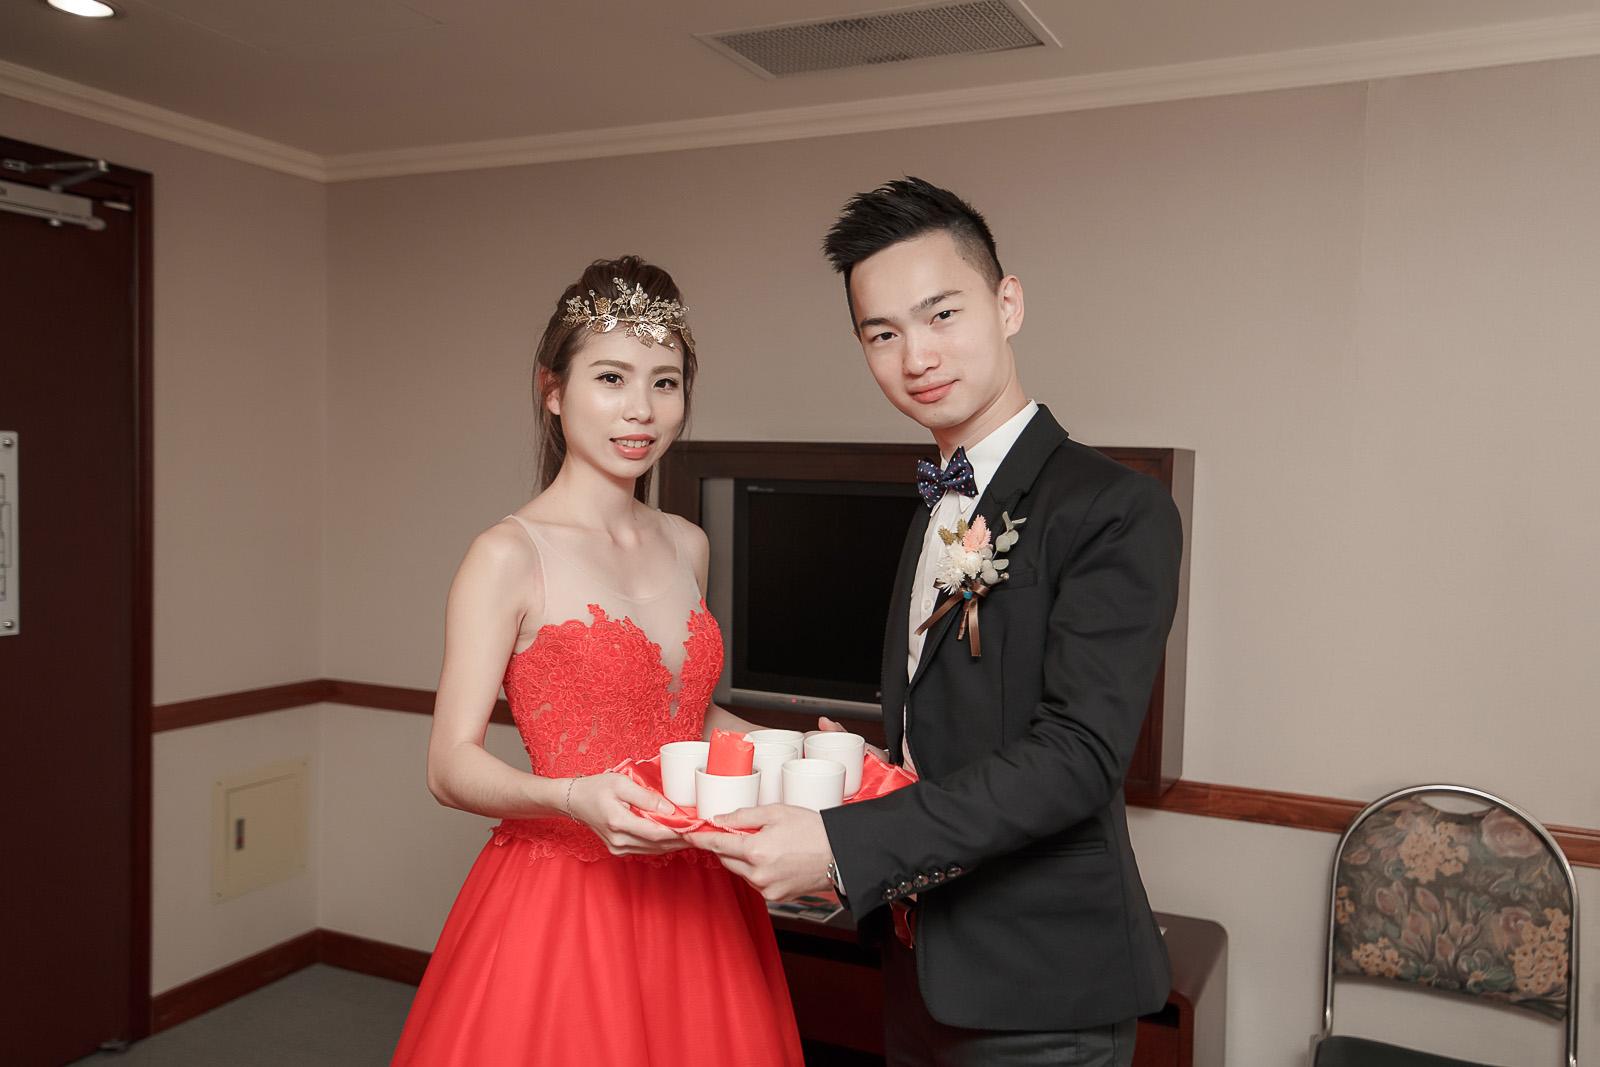 高雄圓山飯店,婚禮攝影,婚攝,高雄婚攝,優質婚攝推薦,Jen&Ethan-027